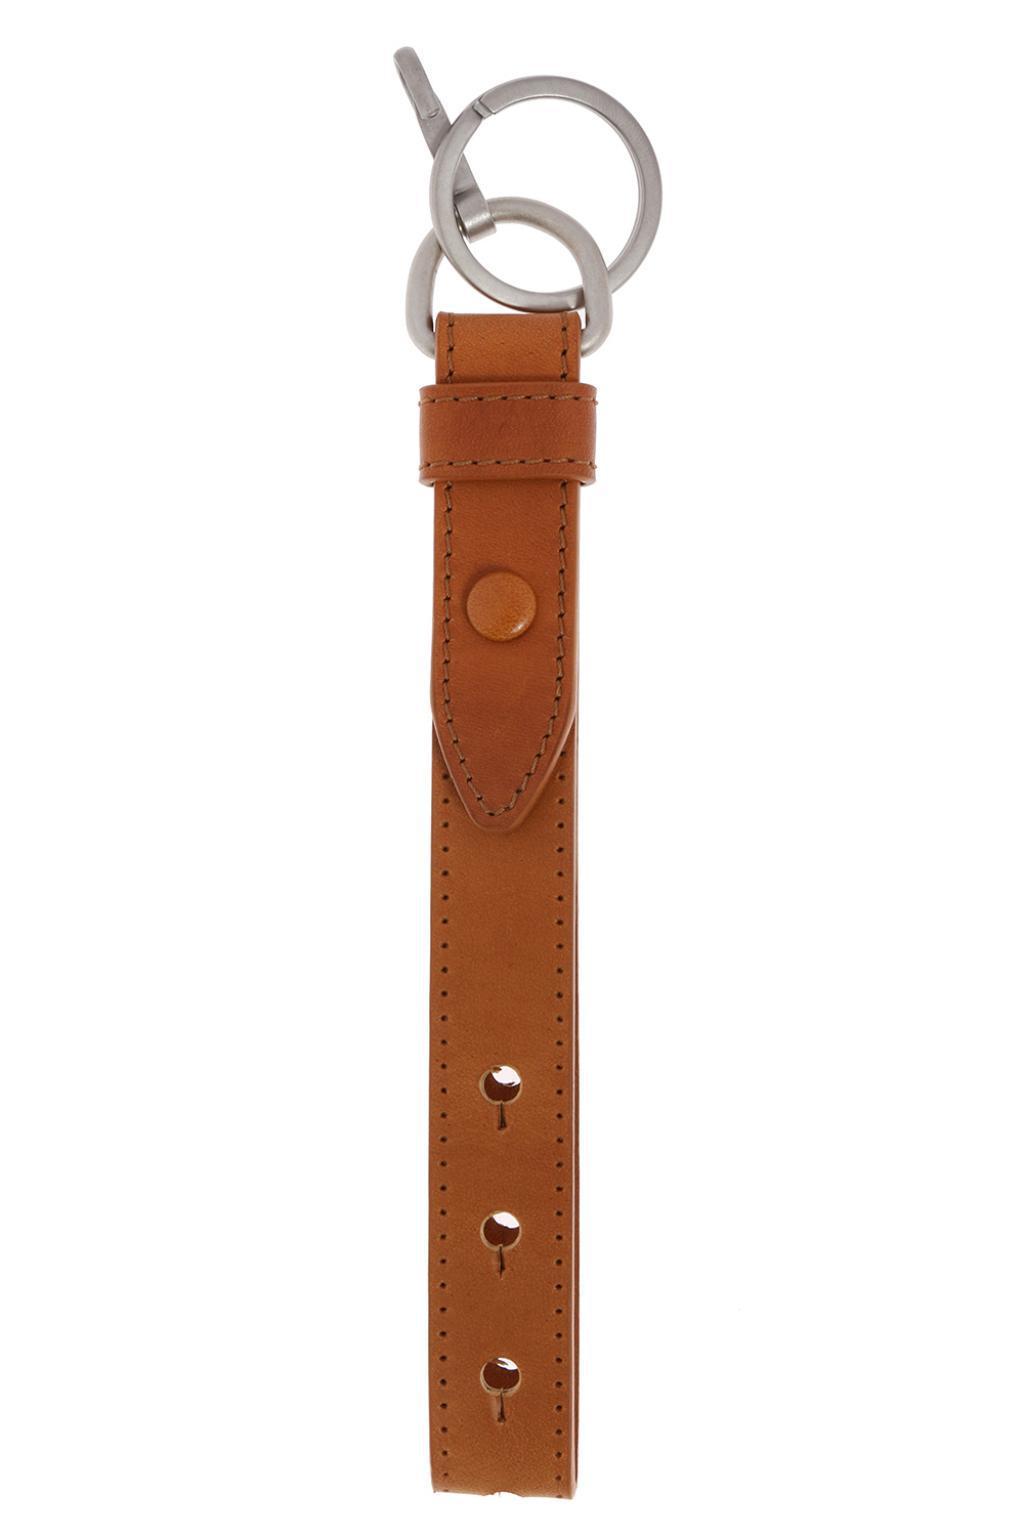 Leather key ring Maison Martin Margiela u1xhA5kthT